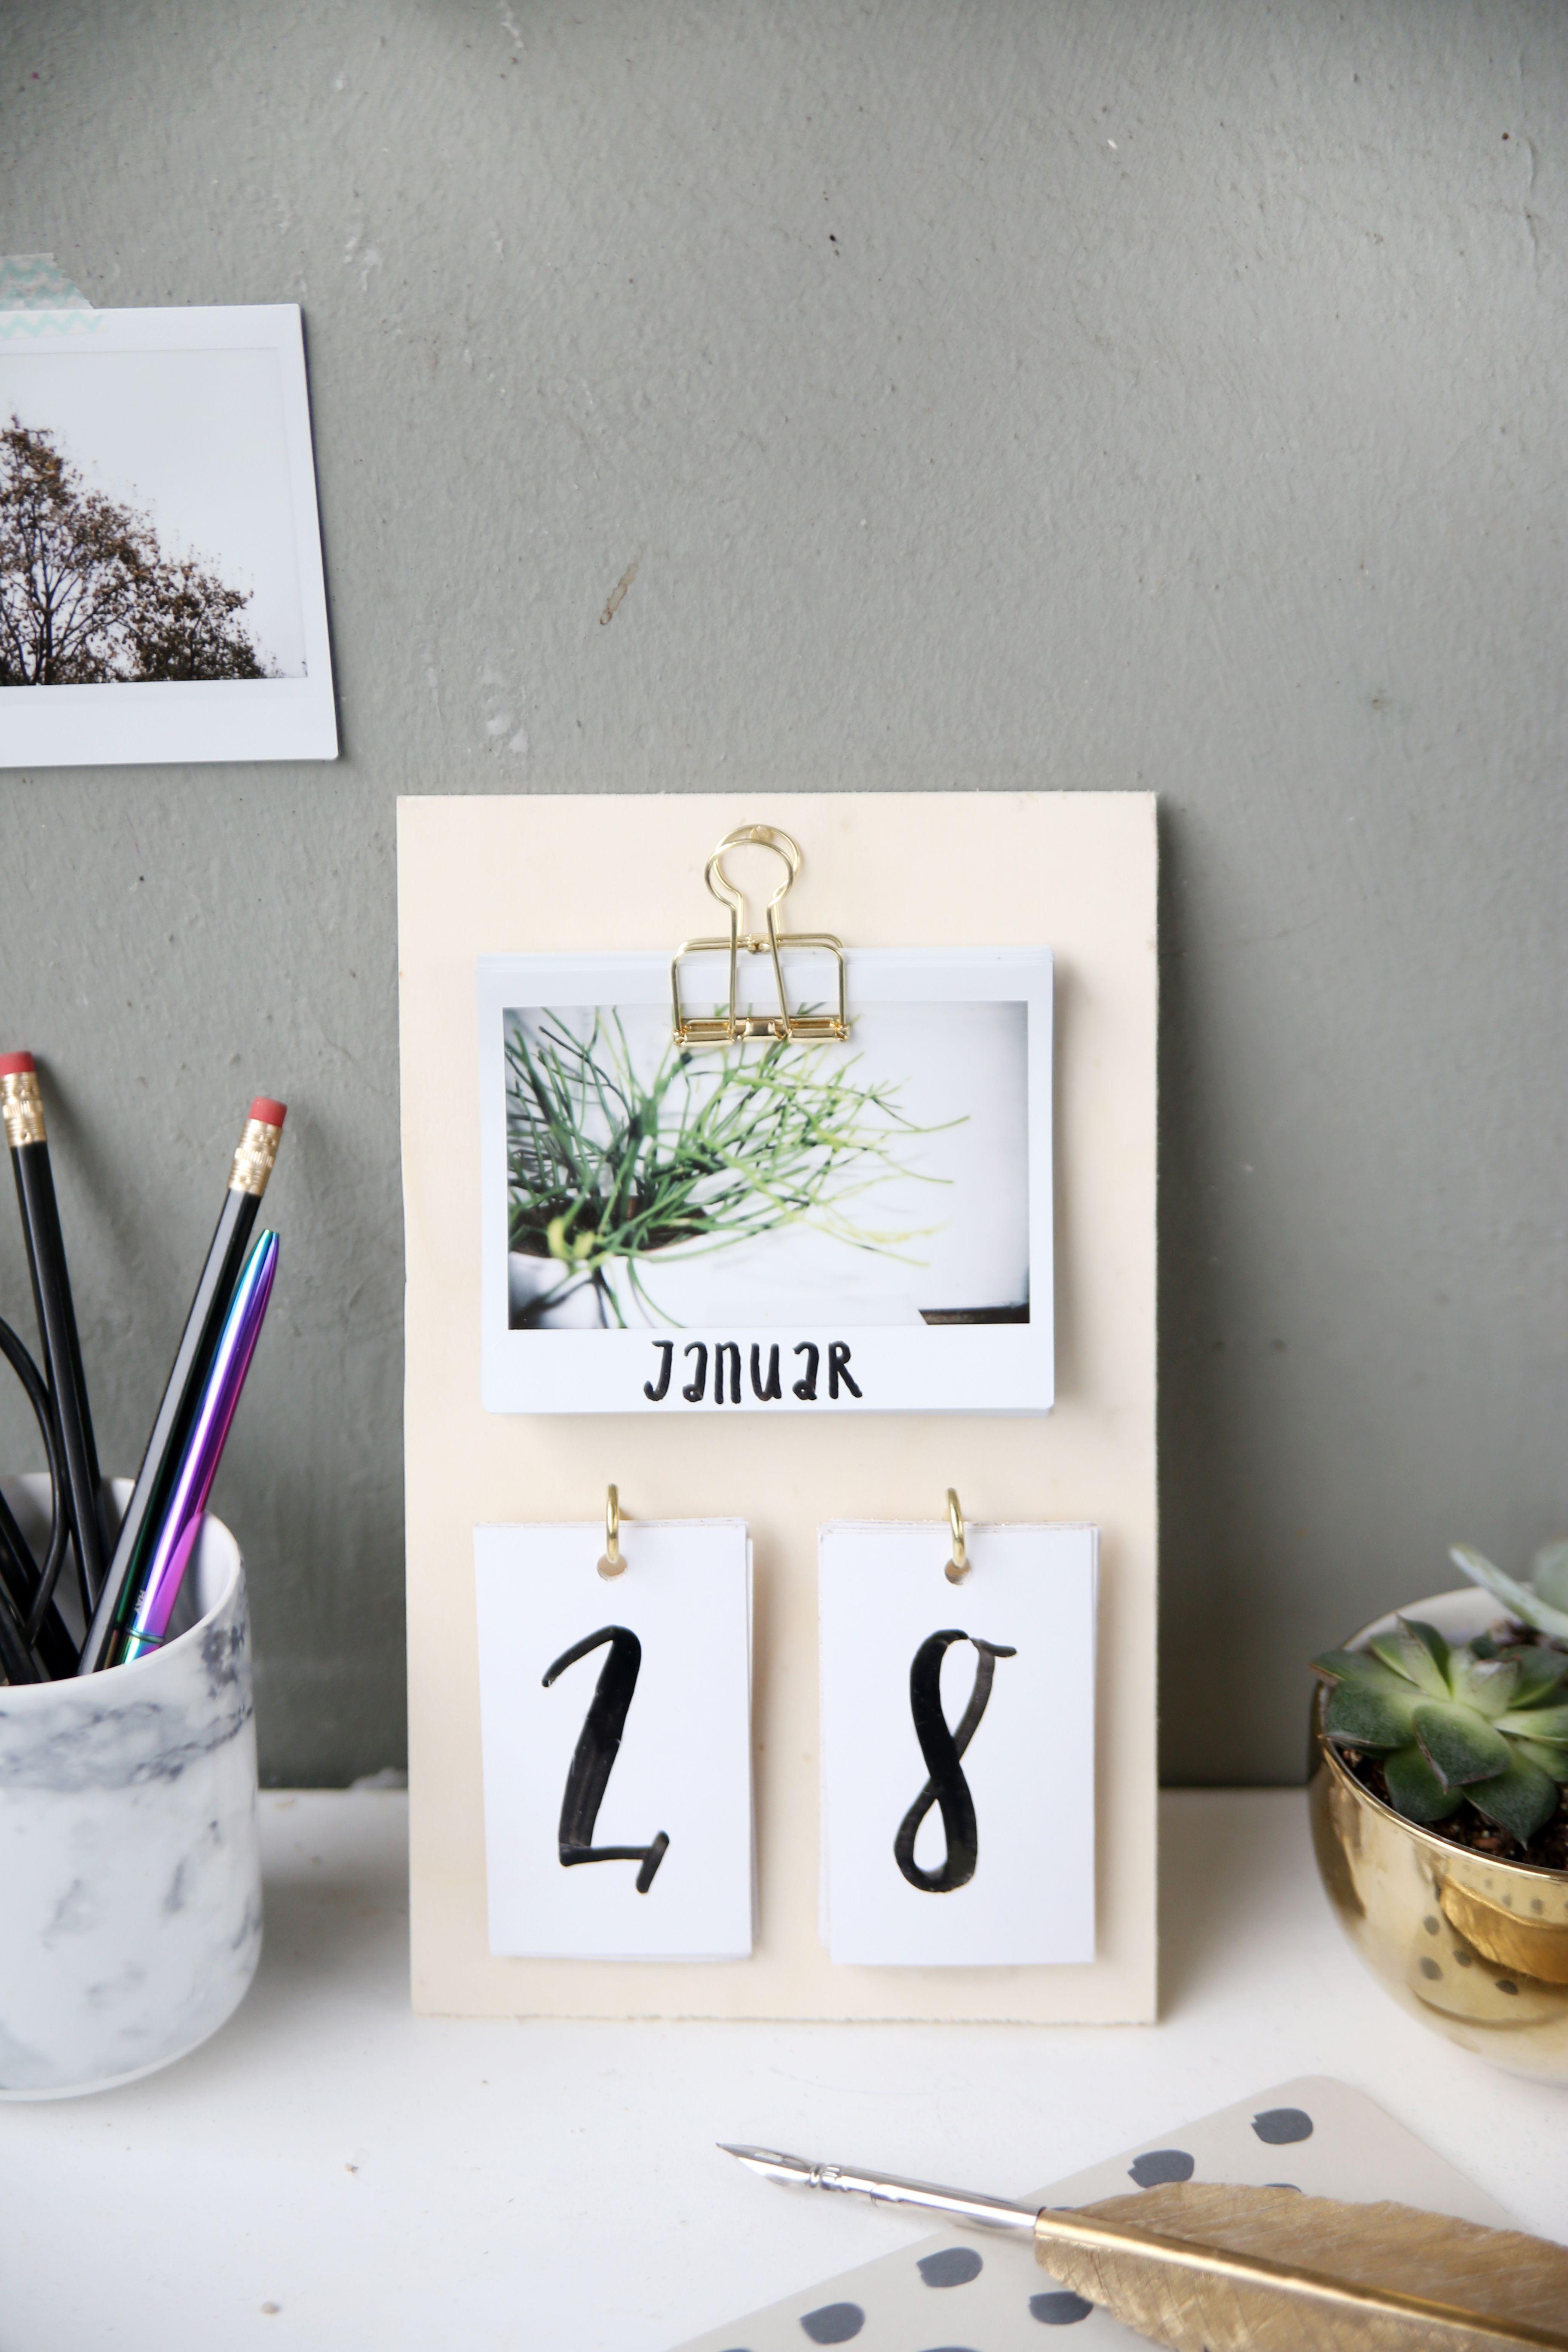 7 slaapkamer idee n en inspiratie foto 39 s voor jouw ideale slaapkamer. Black Bedroom Furniture Sets. Home Design Ideas